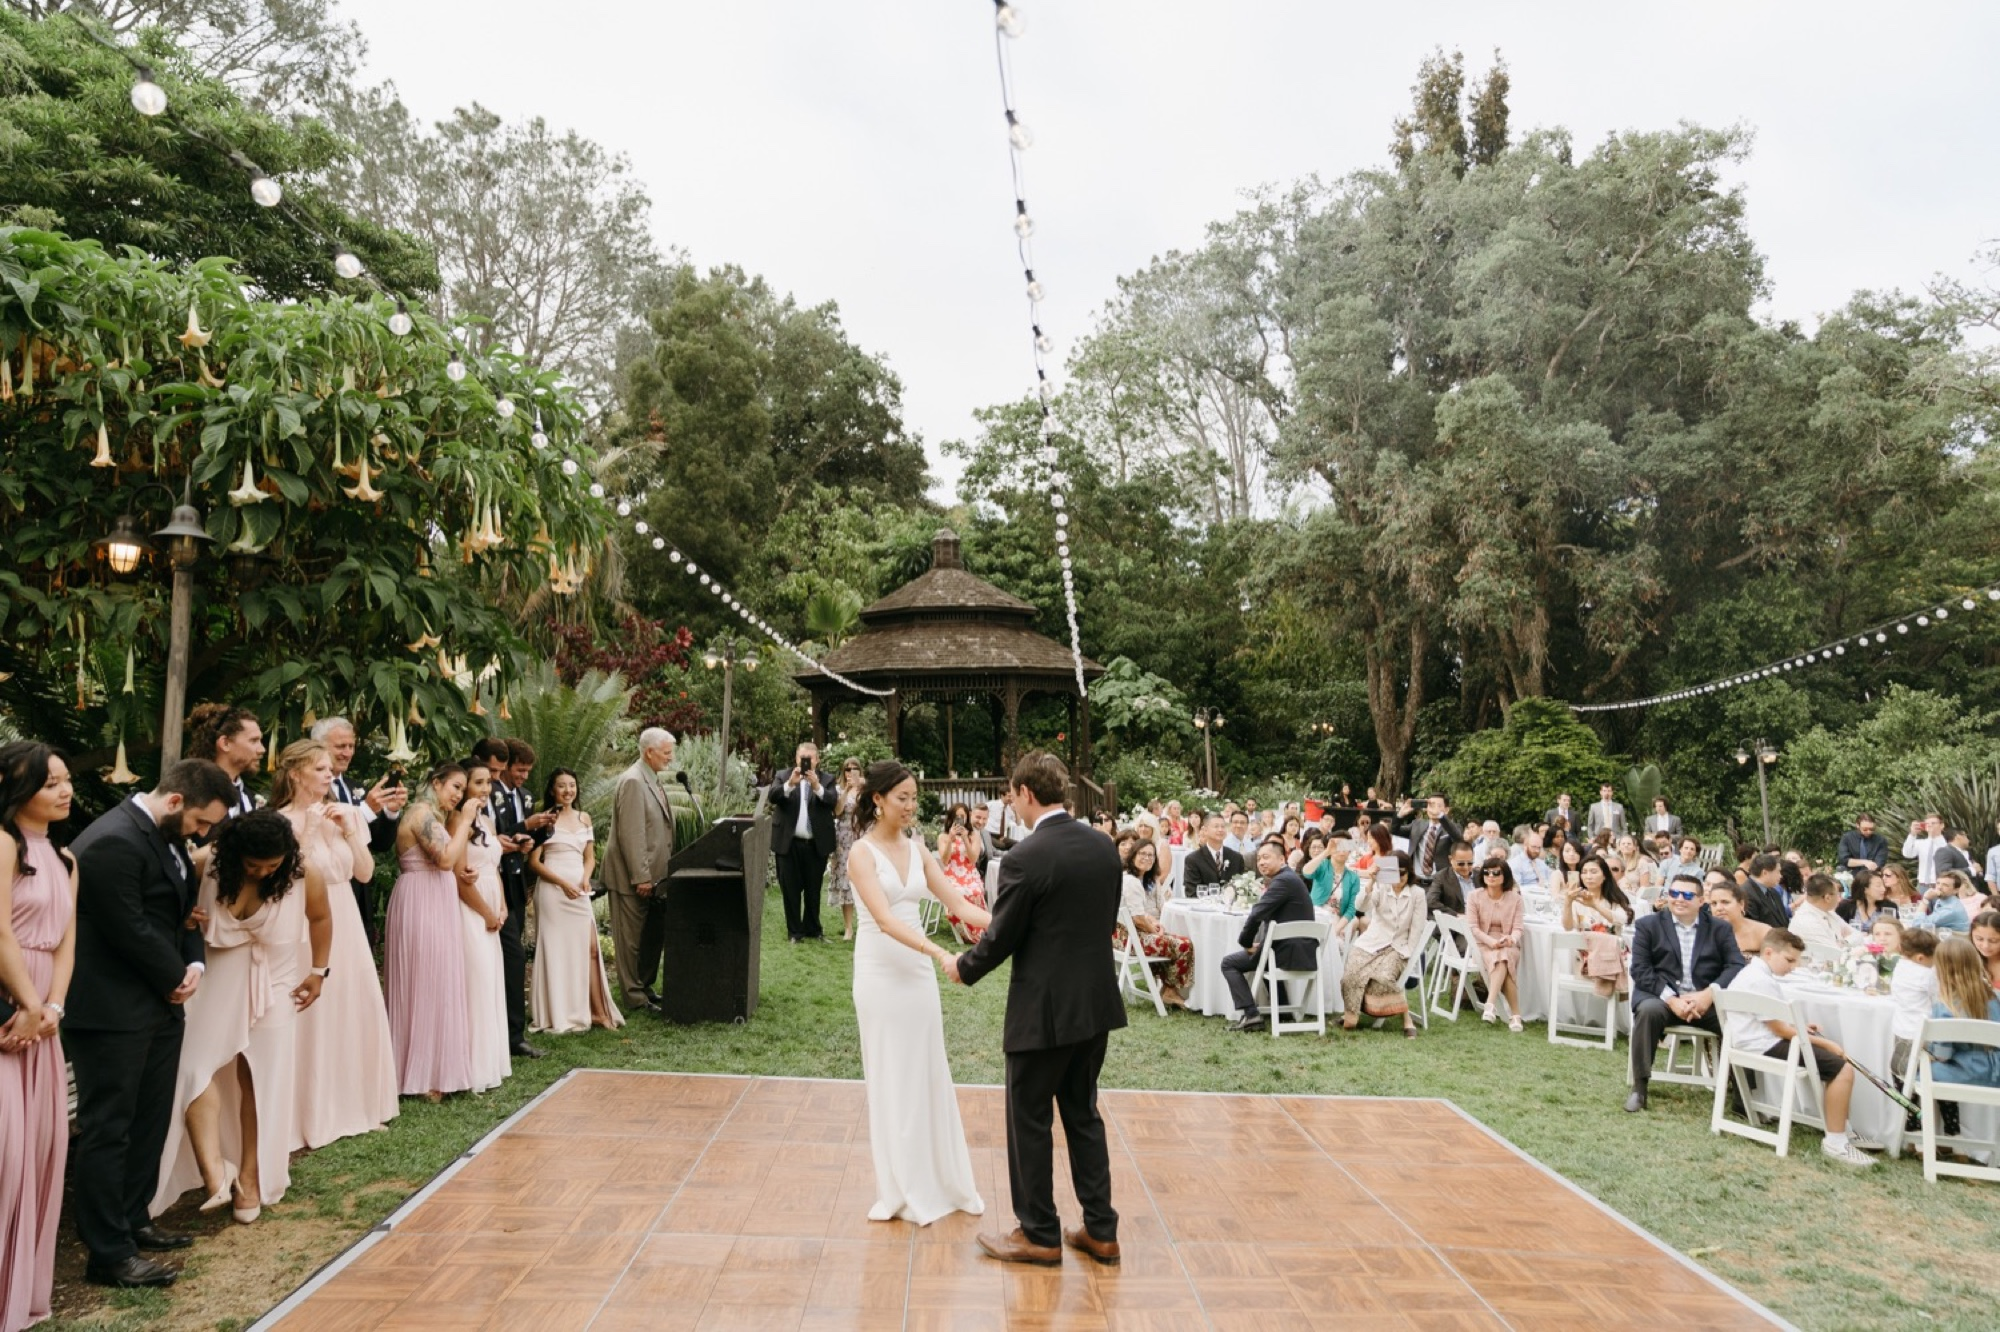 065_Shawna and Steve's Wedding-422.jpg